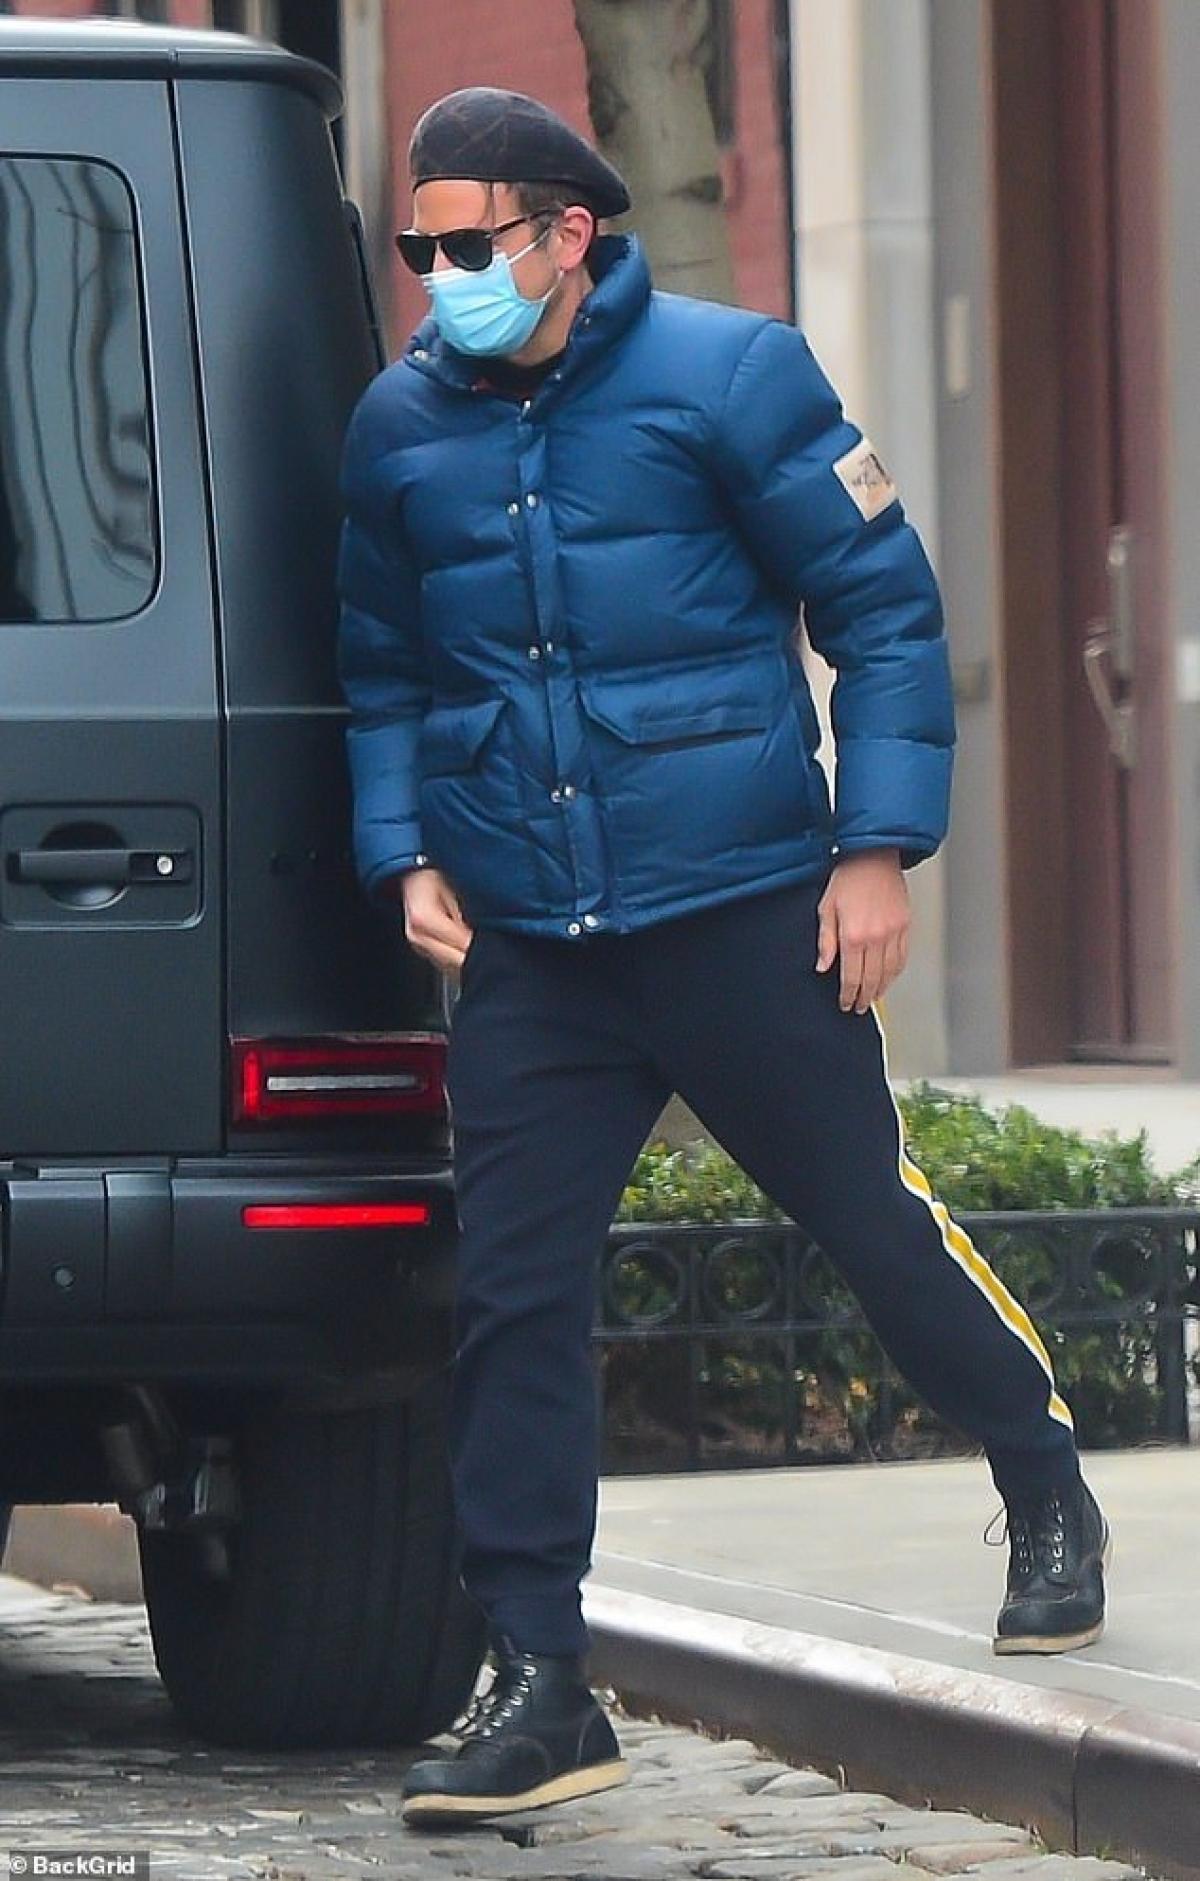 Bradley Cooper bị cánh săn ảnh bắt gặp khi lái xe đến trước nhà Irina Shayk để đưa bạn gái cũ và con gái Lea đi chơi ở New York vừa qua.